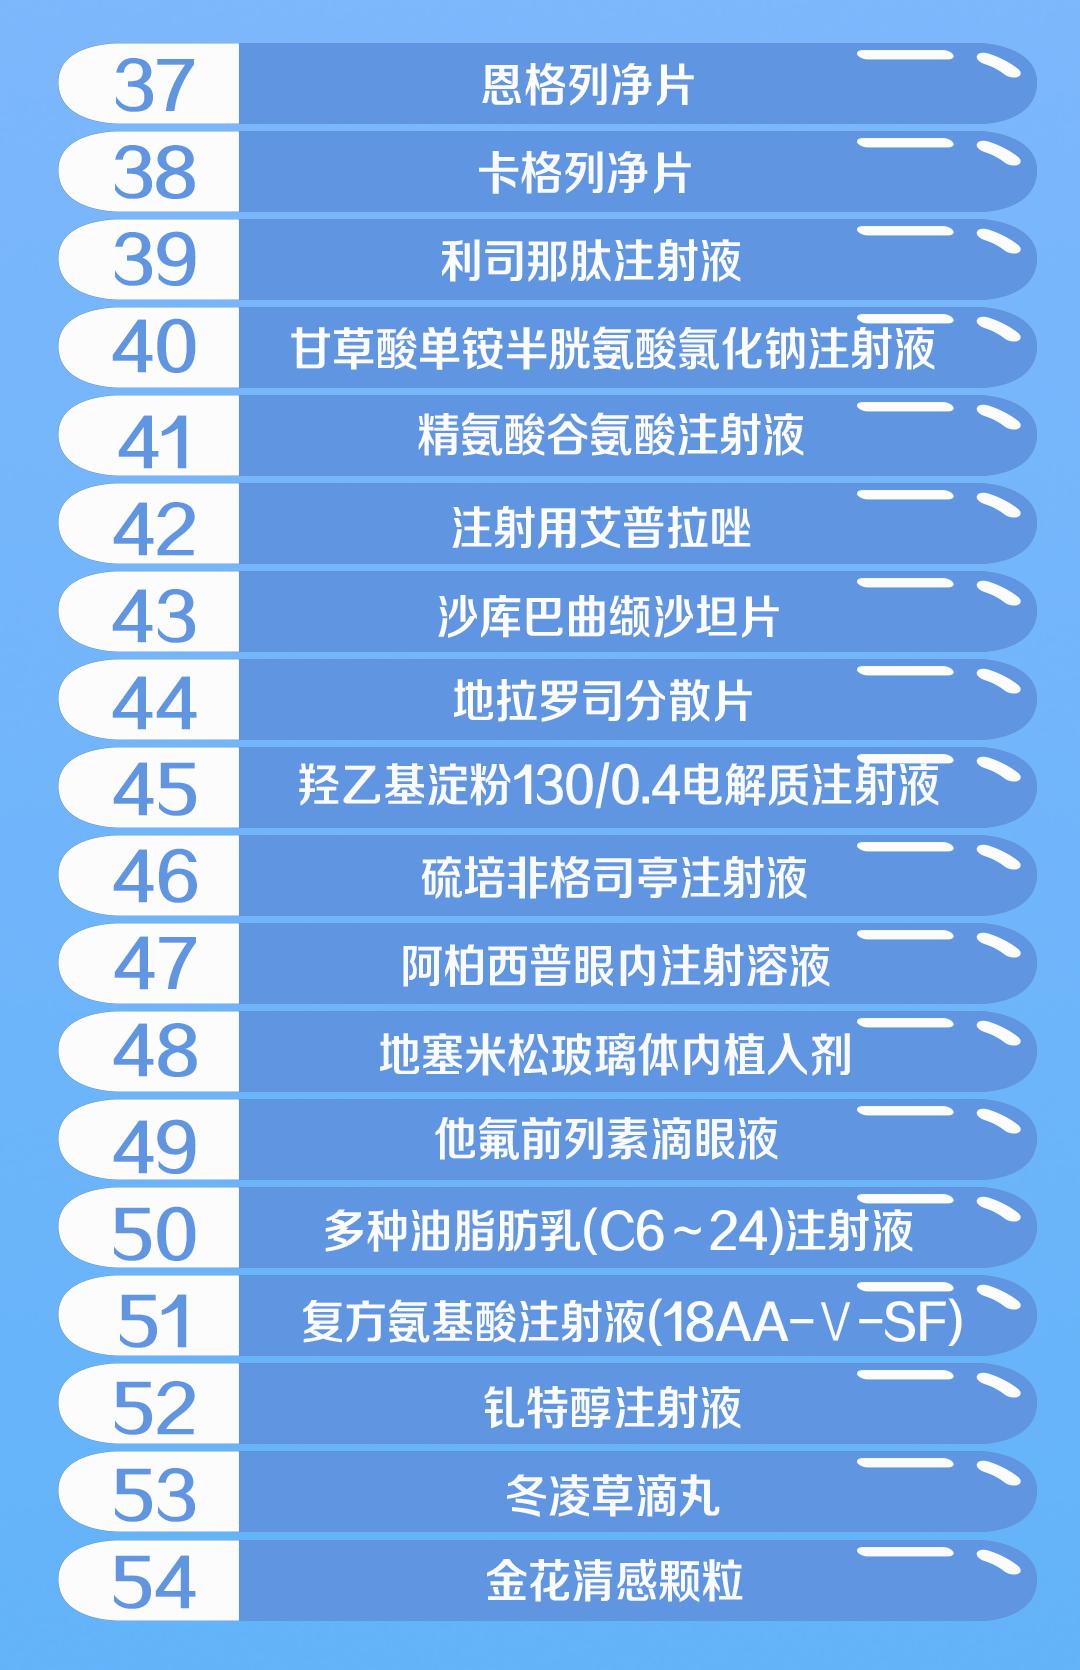 """中国体彩网投注-惊人的裁员数字:全球最大私企之一将""""减负""""10万人"""